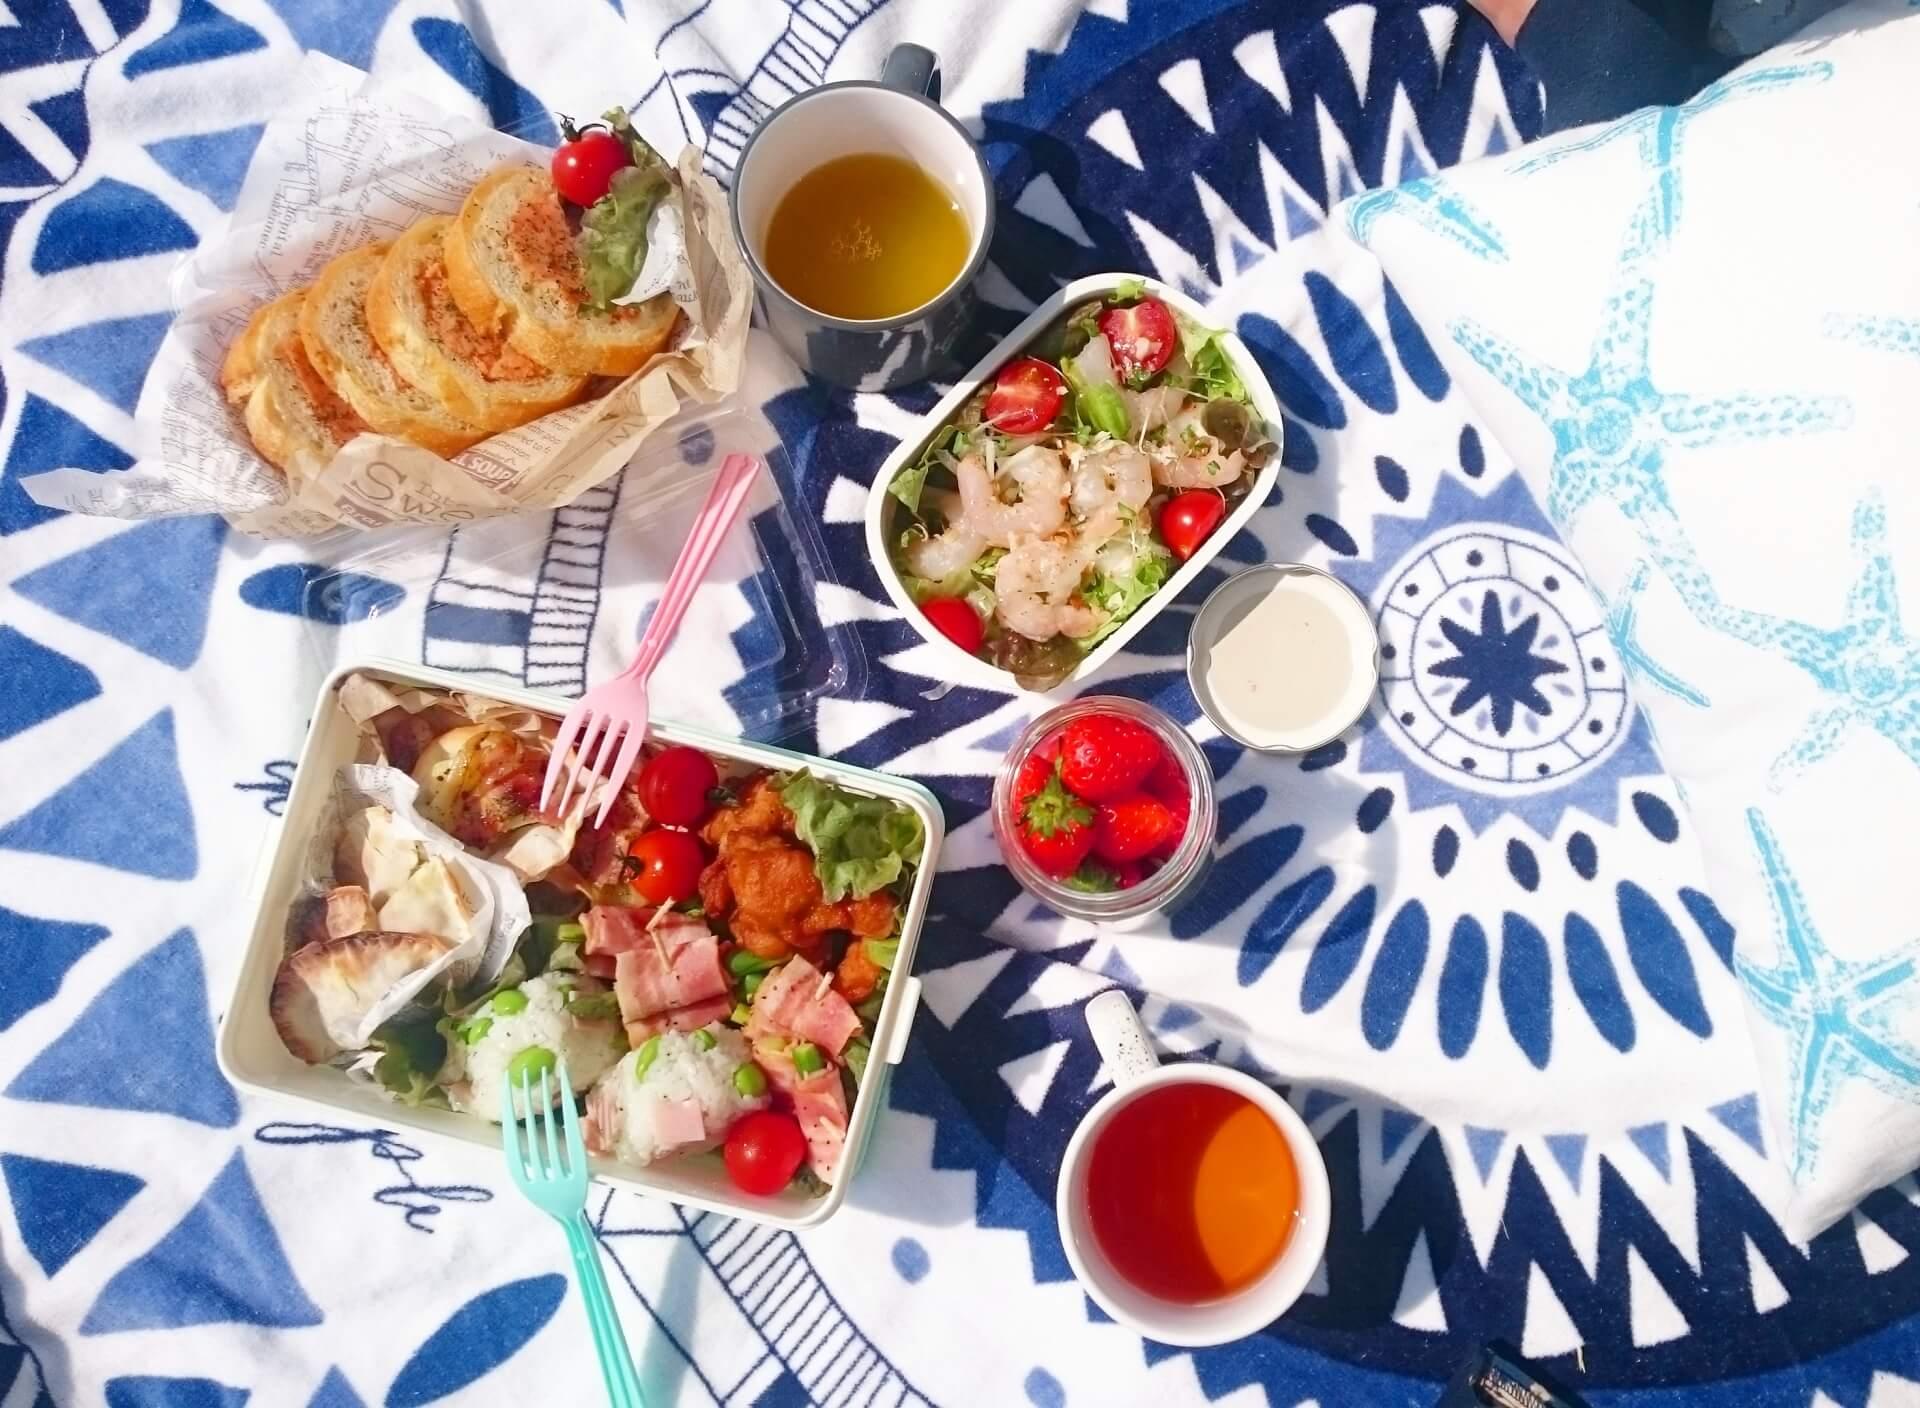 ピクニックに持って行くなら!オススメのテーブル集